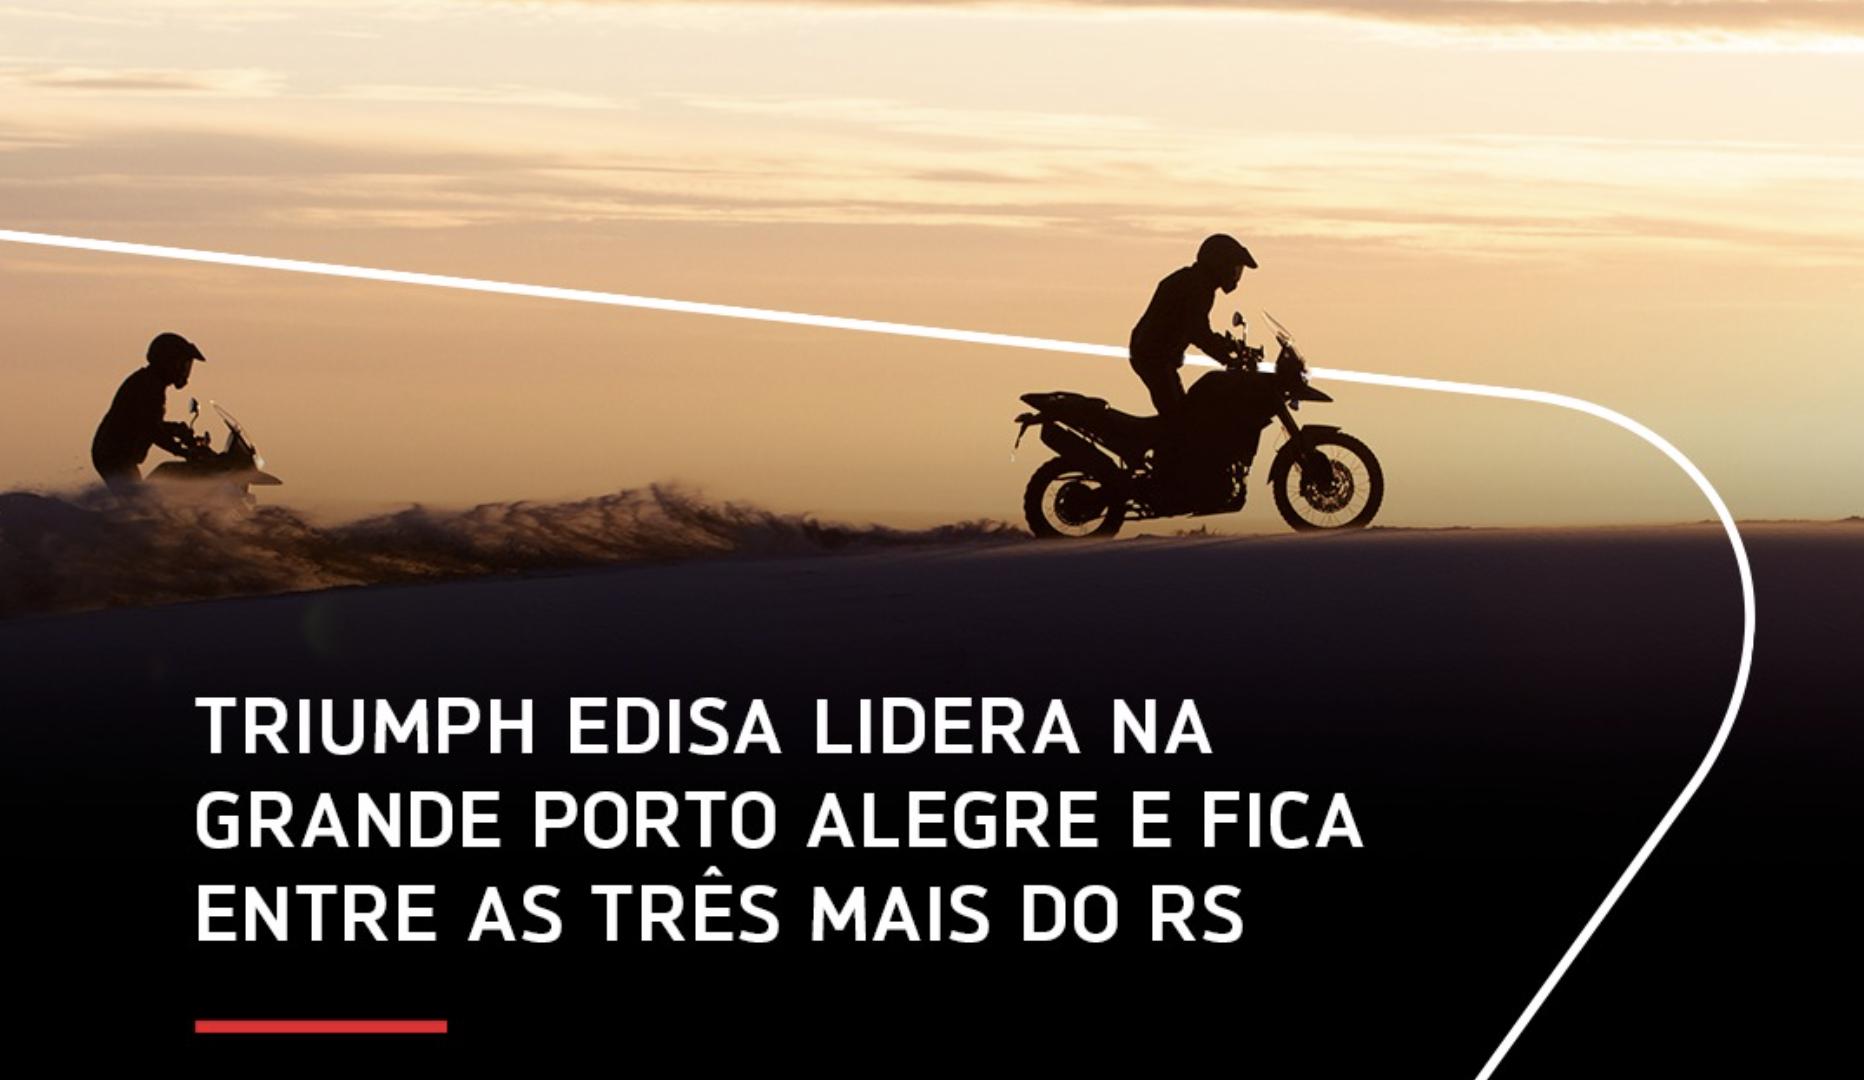 TRIUMPH EDISA LIDERA NA GRANDE PORTO ALEGRE E FICA ENTRE AS TRÊS MAIS DO RS